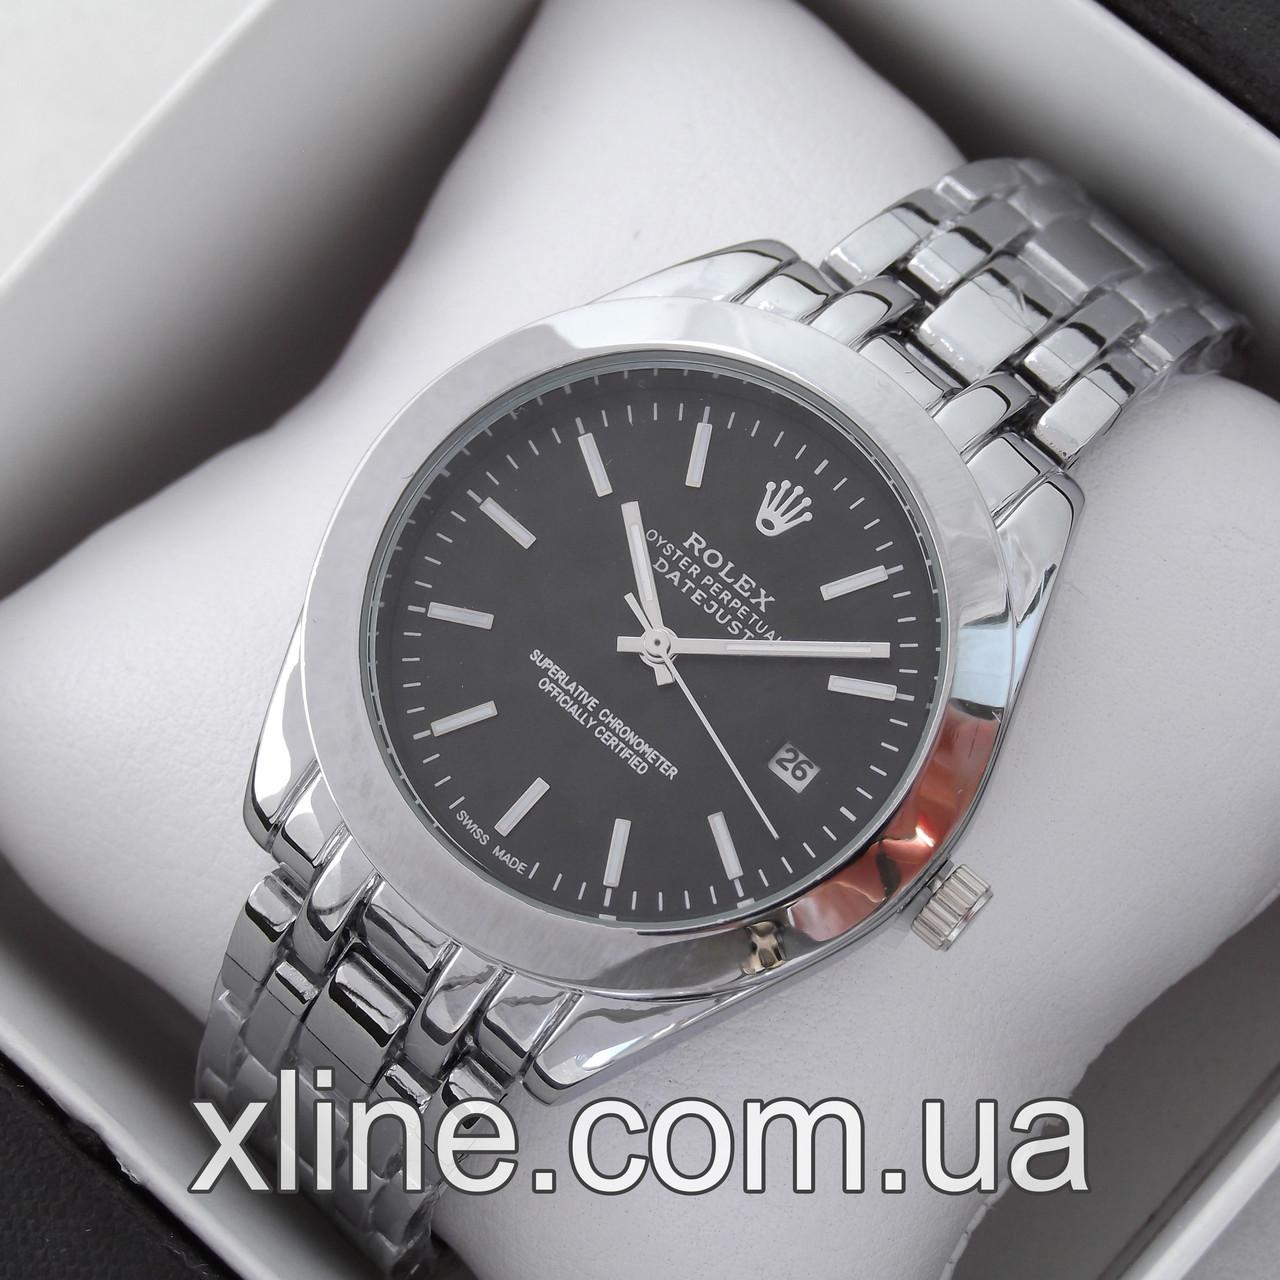 Женские наручные часы Rolex A135 на металлическом браслете